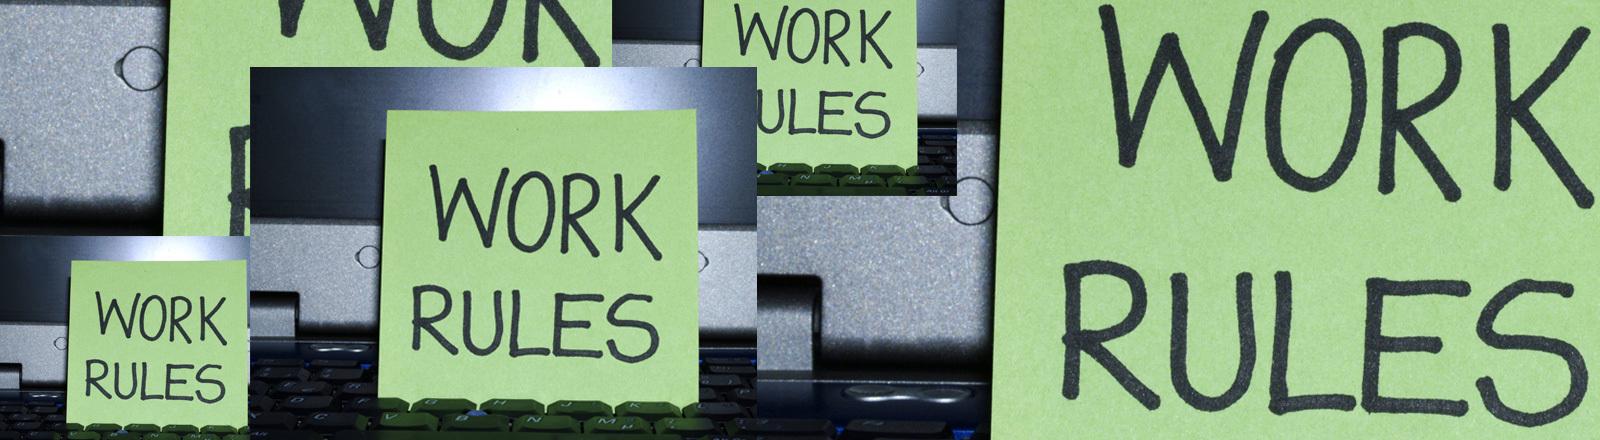 Laptoptastatur mit einem Schild auf dem steht: Work rules.